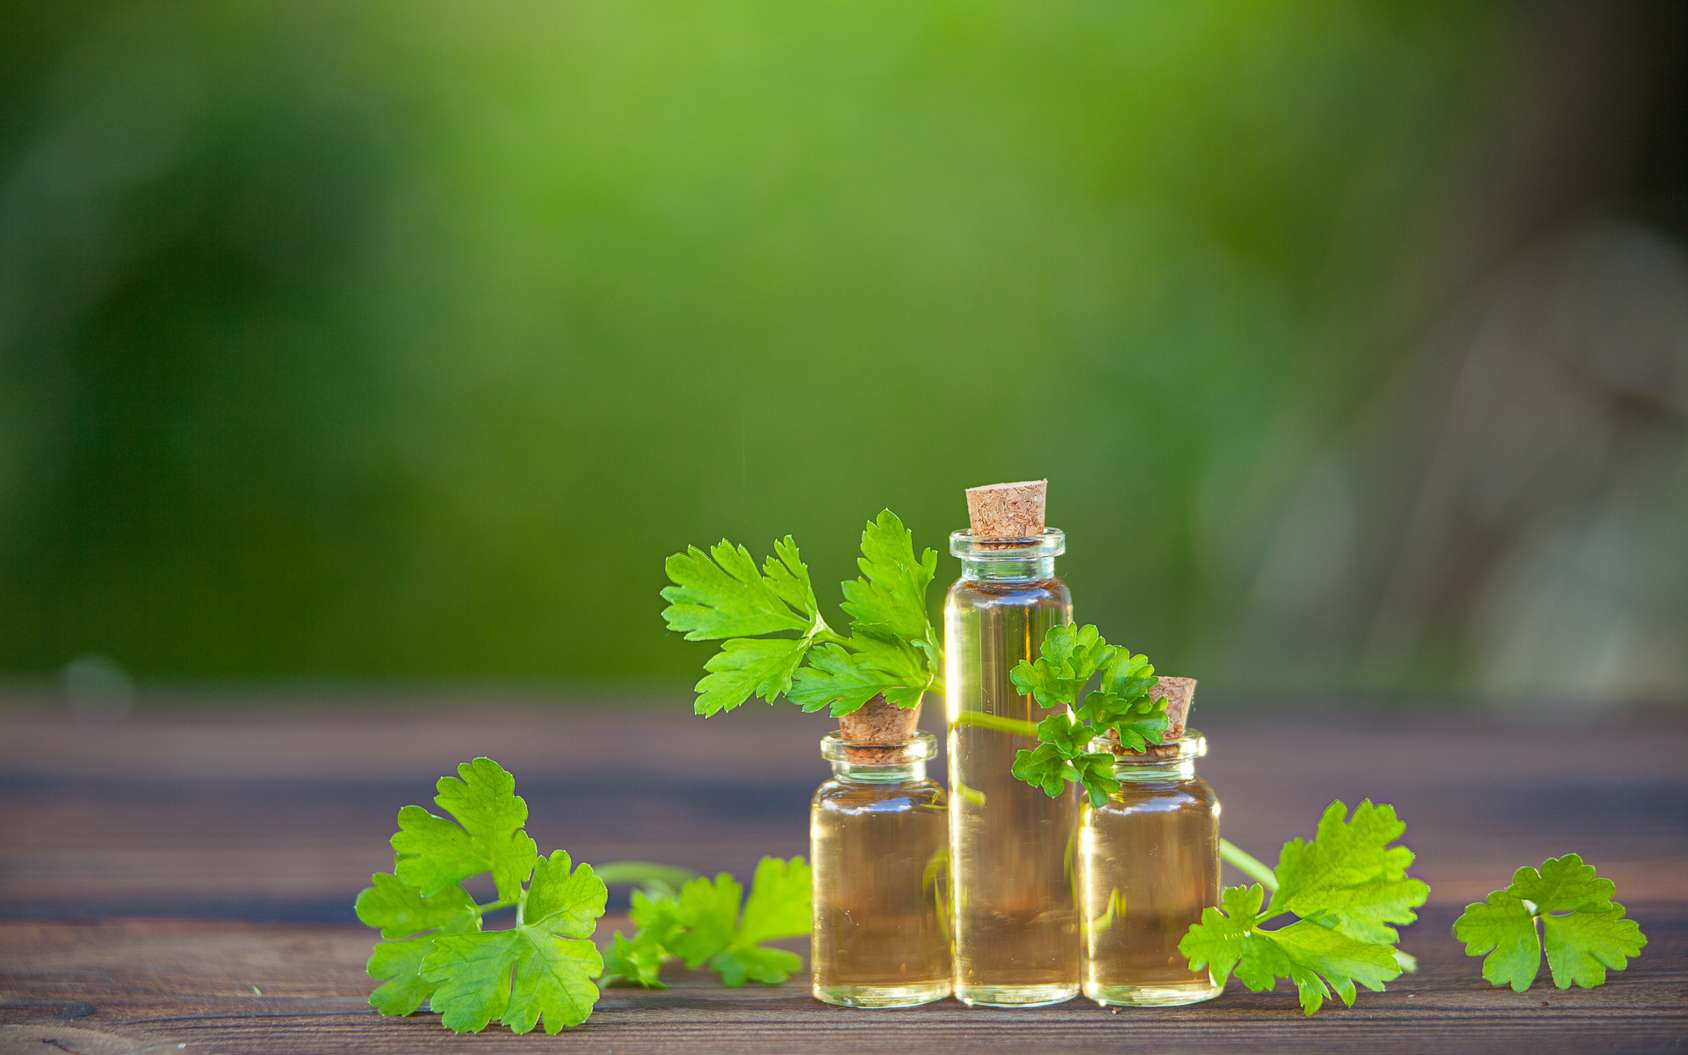 Le persil et les antioxydants qu'il contient luttent contre les radicaux libres impliqués dans les maladies cardiovasculaire. © solstizia, Fotolia